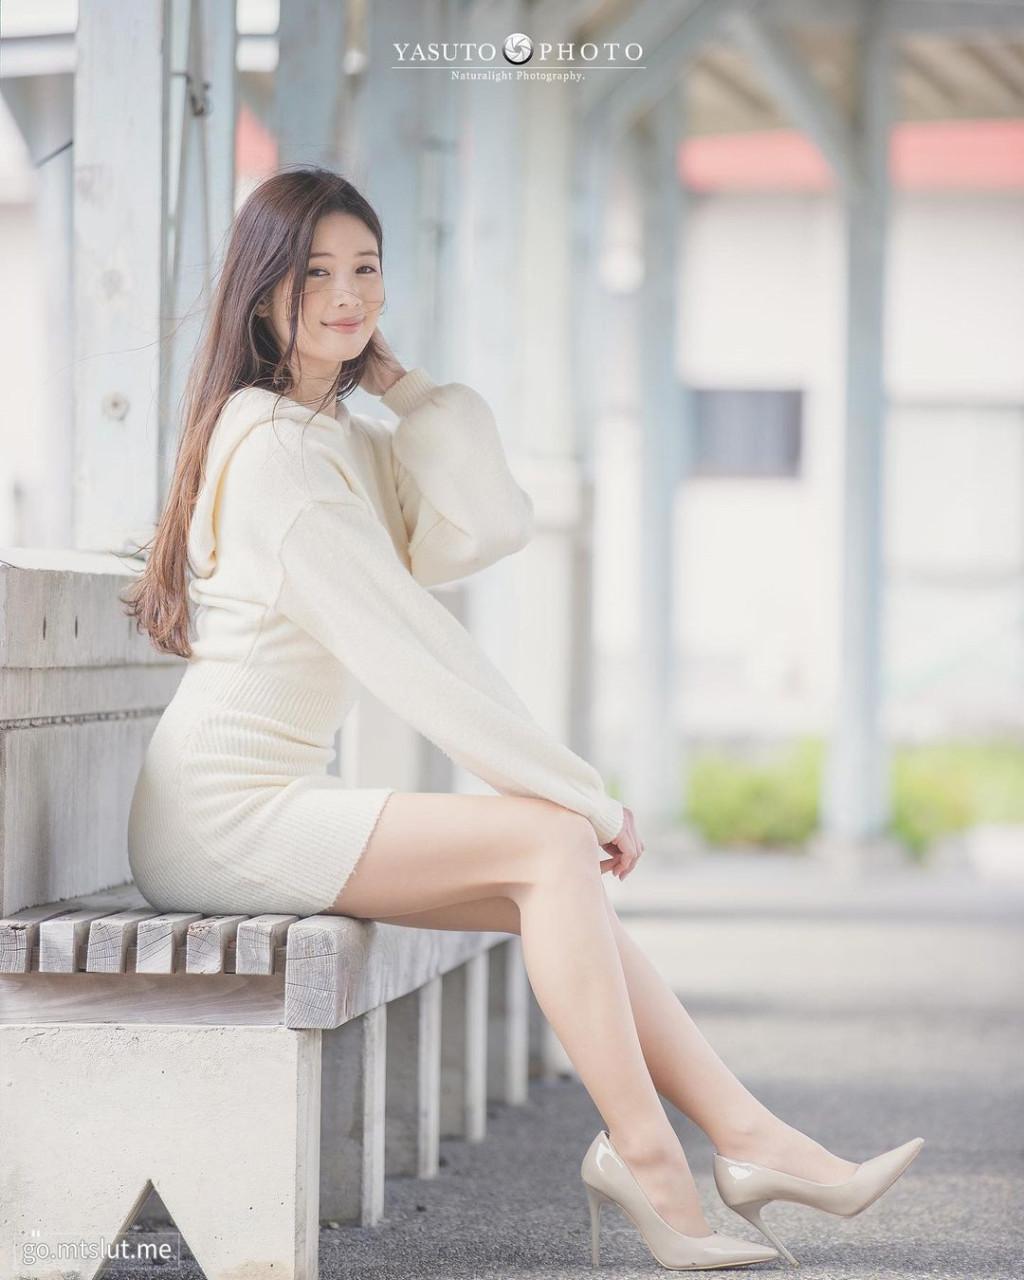 妹子图日刊 — 20210407插图23